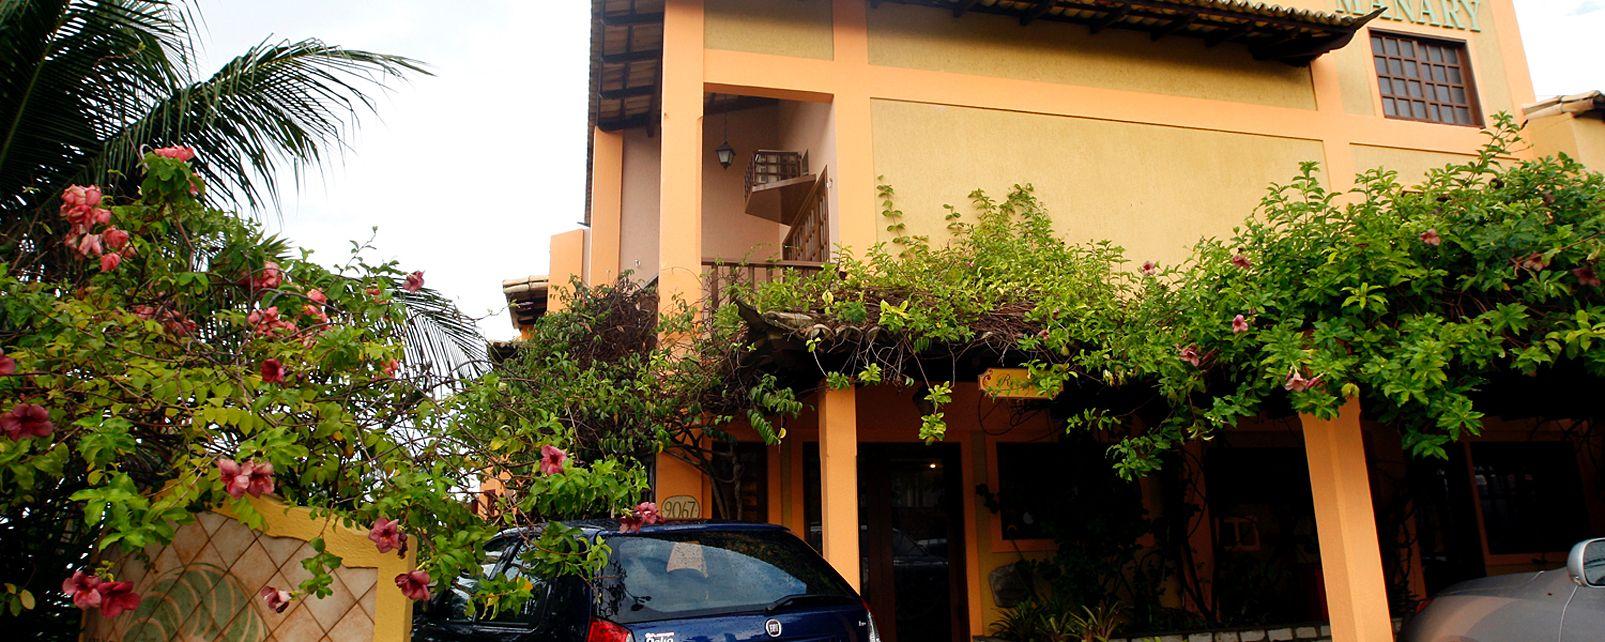 Hotel Manary Praia Hotel